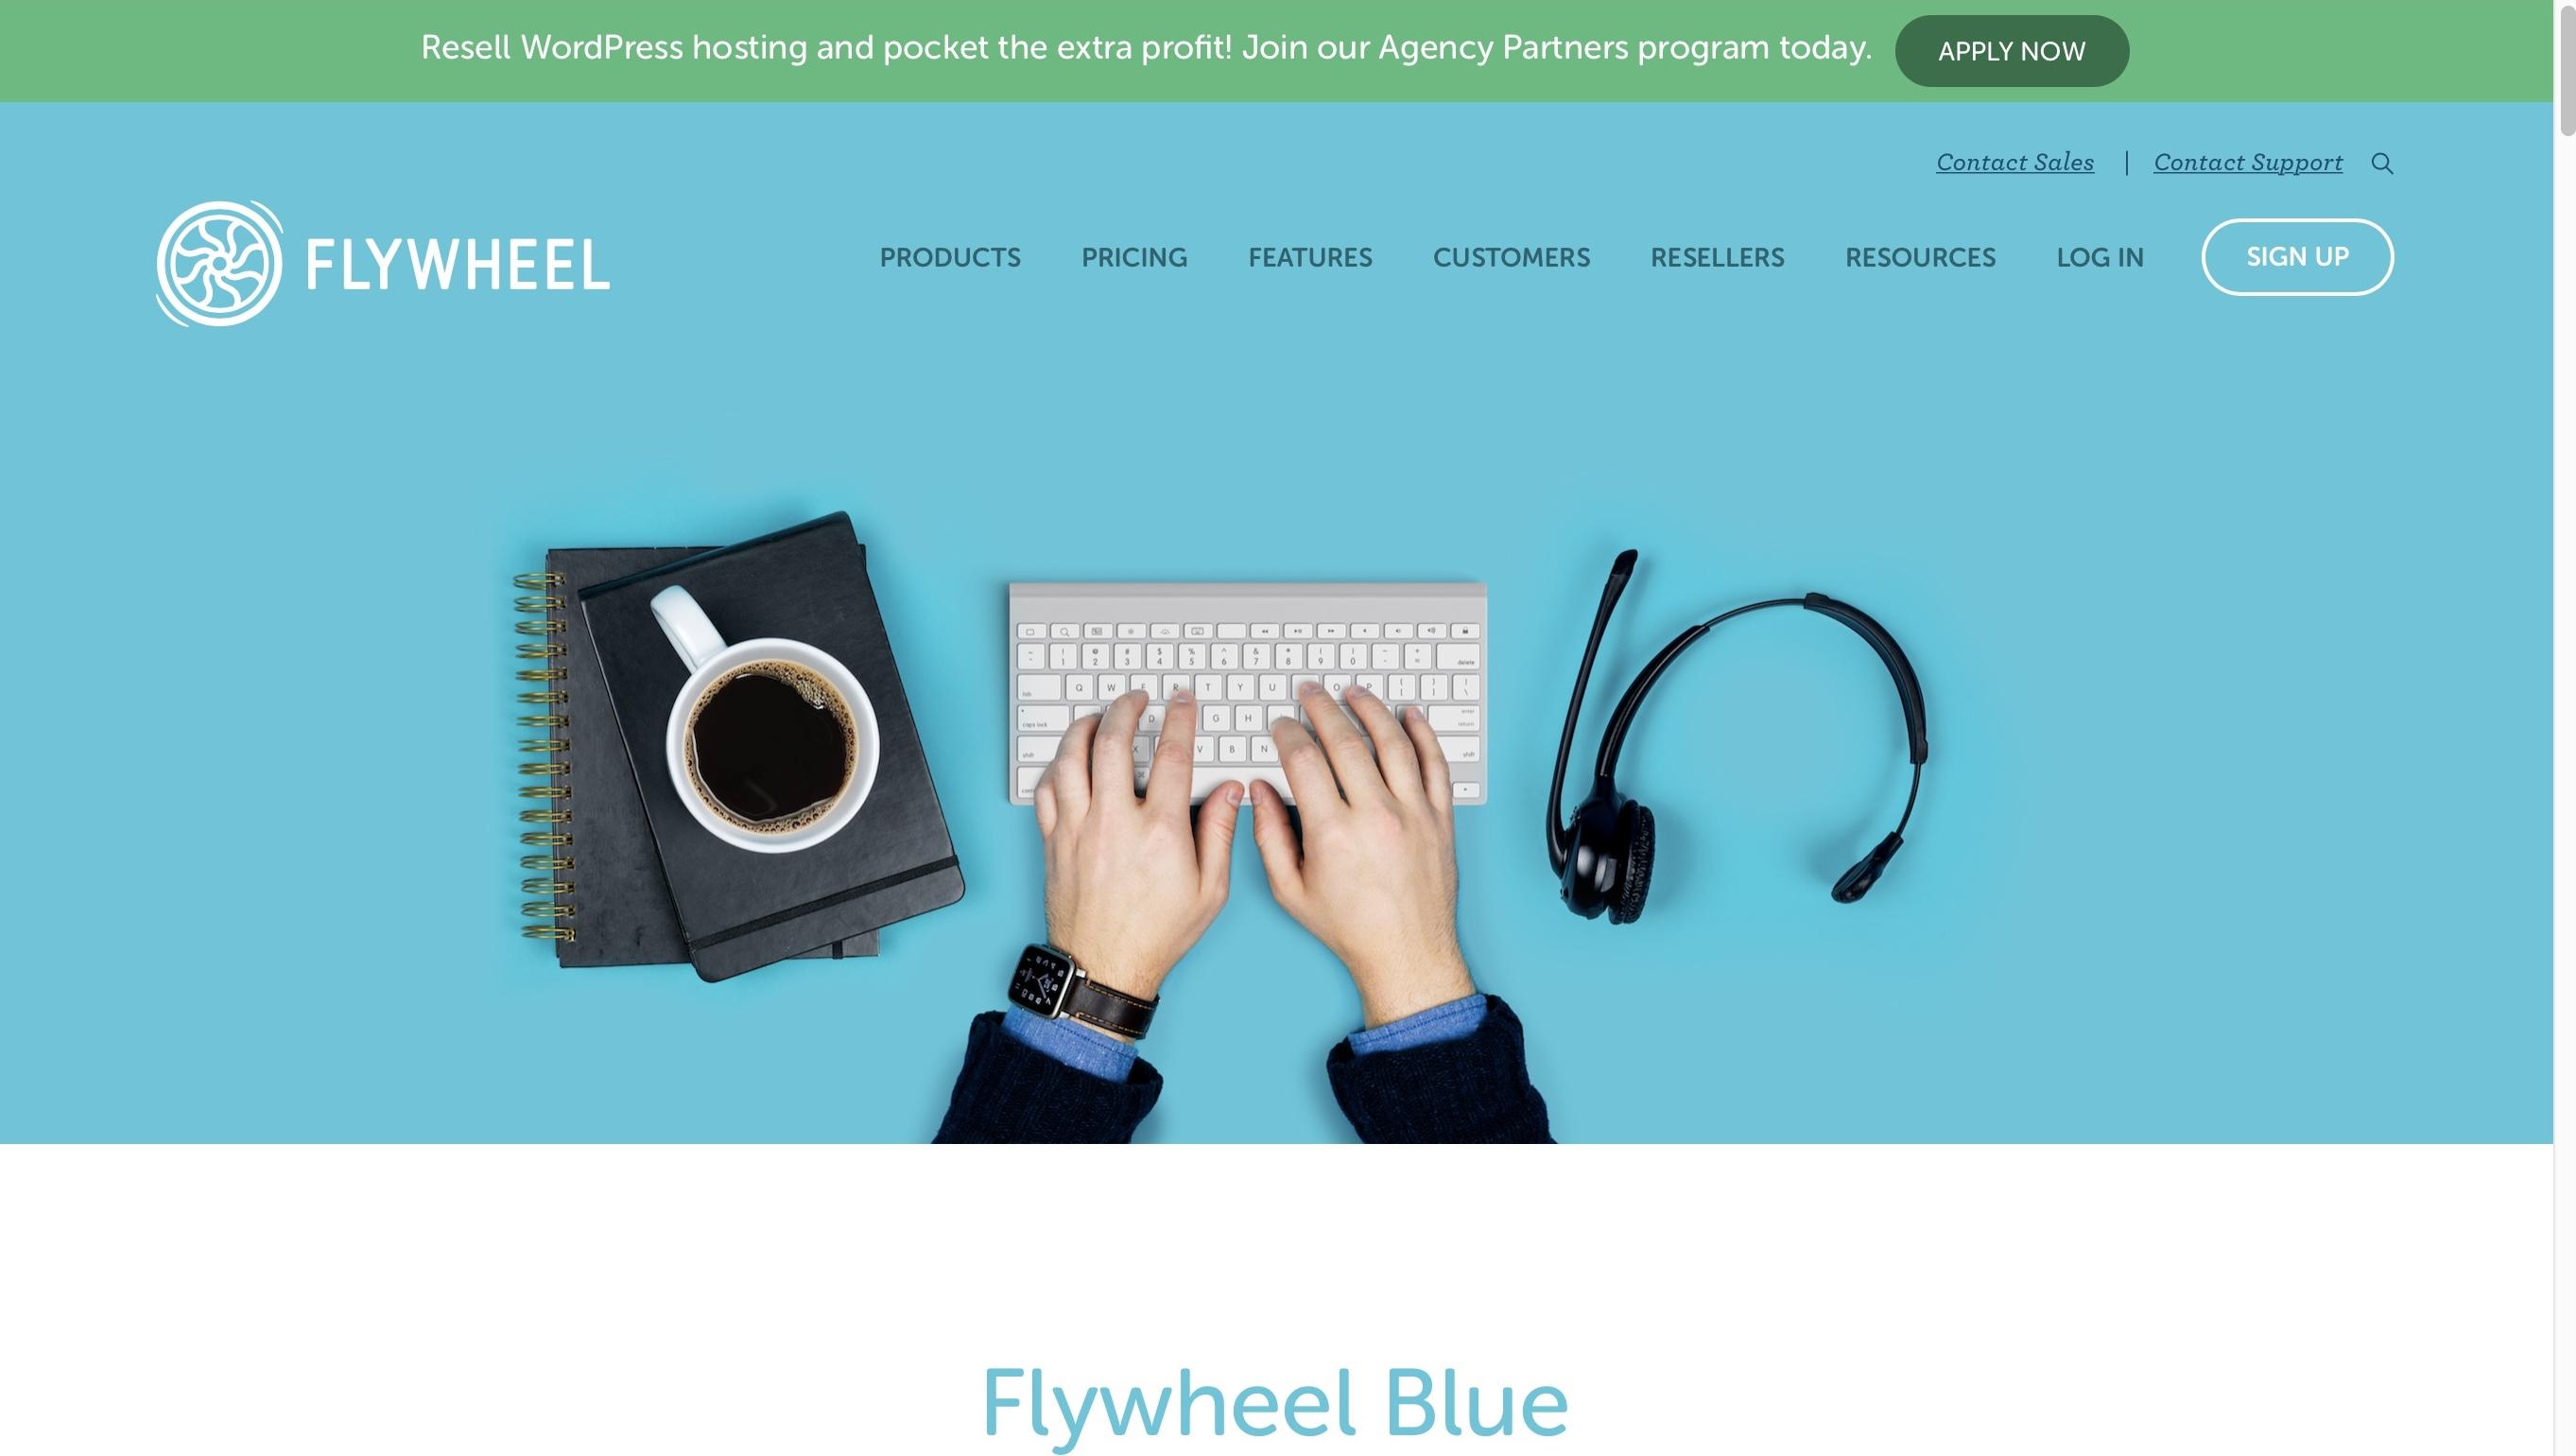 """volante """"srcset ="""" https://blogging-techies.com/wp-content/uploads/2020/04/1587935172_981_¿Cuales-son-los-mejores-planes-de-alojamiento-de-nivel-empresarial.jpg 2725w, https://winningwp.com/wp-content/uploads/2018/02/flywheel-250x141. jpg 250w, https://winningwp.com/wp-content/uploads/2018/02/flywheel-768x434.jpg 768w, https://winningwp.com/wp-content/uploads/2018/02/flywheel-700x396. jpg 700w, https://winningwp.com/wp-content/uploads/2018/02/flywheel-120x68.jpg 120w """"tamaños ="""" (ancho máximo: 2725px) 100vw, 2725px """"></p> <p>Flywheel, aunque es una empresa conocida en el mundo del alojamiento de WordPress, es un nuevo jugador en el alojamiento de nivel empresarial. Su nivel superior se llama Flywheel Blue, y promete ser todo lo que puede esperar de una plataforma de nivel empresarial.</p> <p>Flywheel se enorgullece de ofrecer a sus clientes herramientas de desarrollo potentes (pero fáciles de usar) y acceso a personas, expertos, que podrán ofrecer ayuda.</p> <p>Flywheel también ha logrado crear una cartera de clientes bastante impresionante, incluidas compañías como Forbes, Lenovo, la Universidad de Michigan y The Washington Post.</p> <h4>Precio y Parámetros</h4> <p>Flywheel Blue comienza en <strong>$ 2,500 por mes</strong>, y le ofrece configuraciones de alojamiento creadas tanto en GCP como en AWS (según sus necesidades).</p> <p>Esa configuración está clasificada para manejar <strong>hasta 1 millón de visitas al mes</strong>, dandote <strong>50 GB de espacio en disco y 5 TB de ancho de banda</strong>. Sin embargo, solo puedes tener <strong>una instancia de WordPress</strong> corriendo sobre ella.</p> <p>La configuración de alojamiento es un clúster de WordPress de escala automática con redundancia y conmutación por error automática incorporada. Cada cliente también recibe <strong>gestión de cuenta dedicada</strong>, boletines de calificaciones trimestrales (resúmenes de tiempo de actividad, información de respaldo, intentos de pirateo detenidos, etc.) y respaldos """